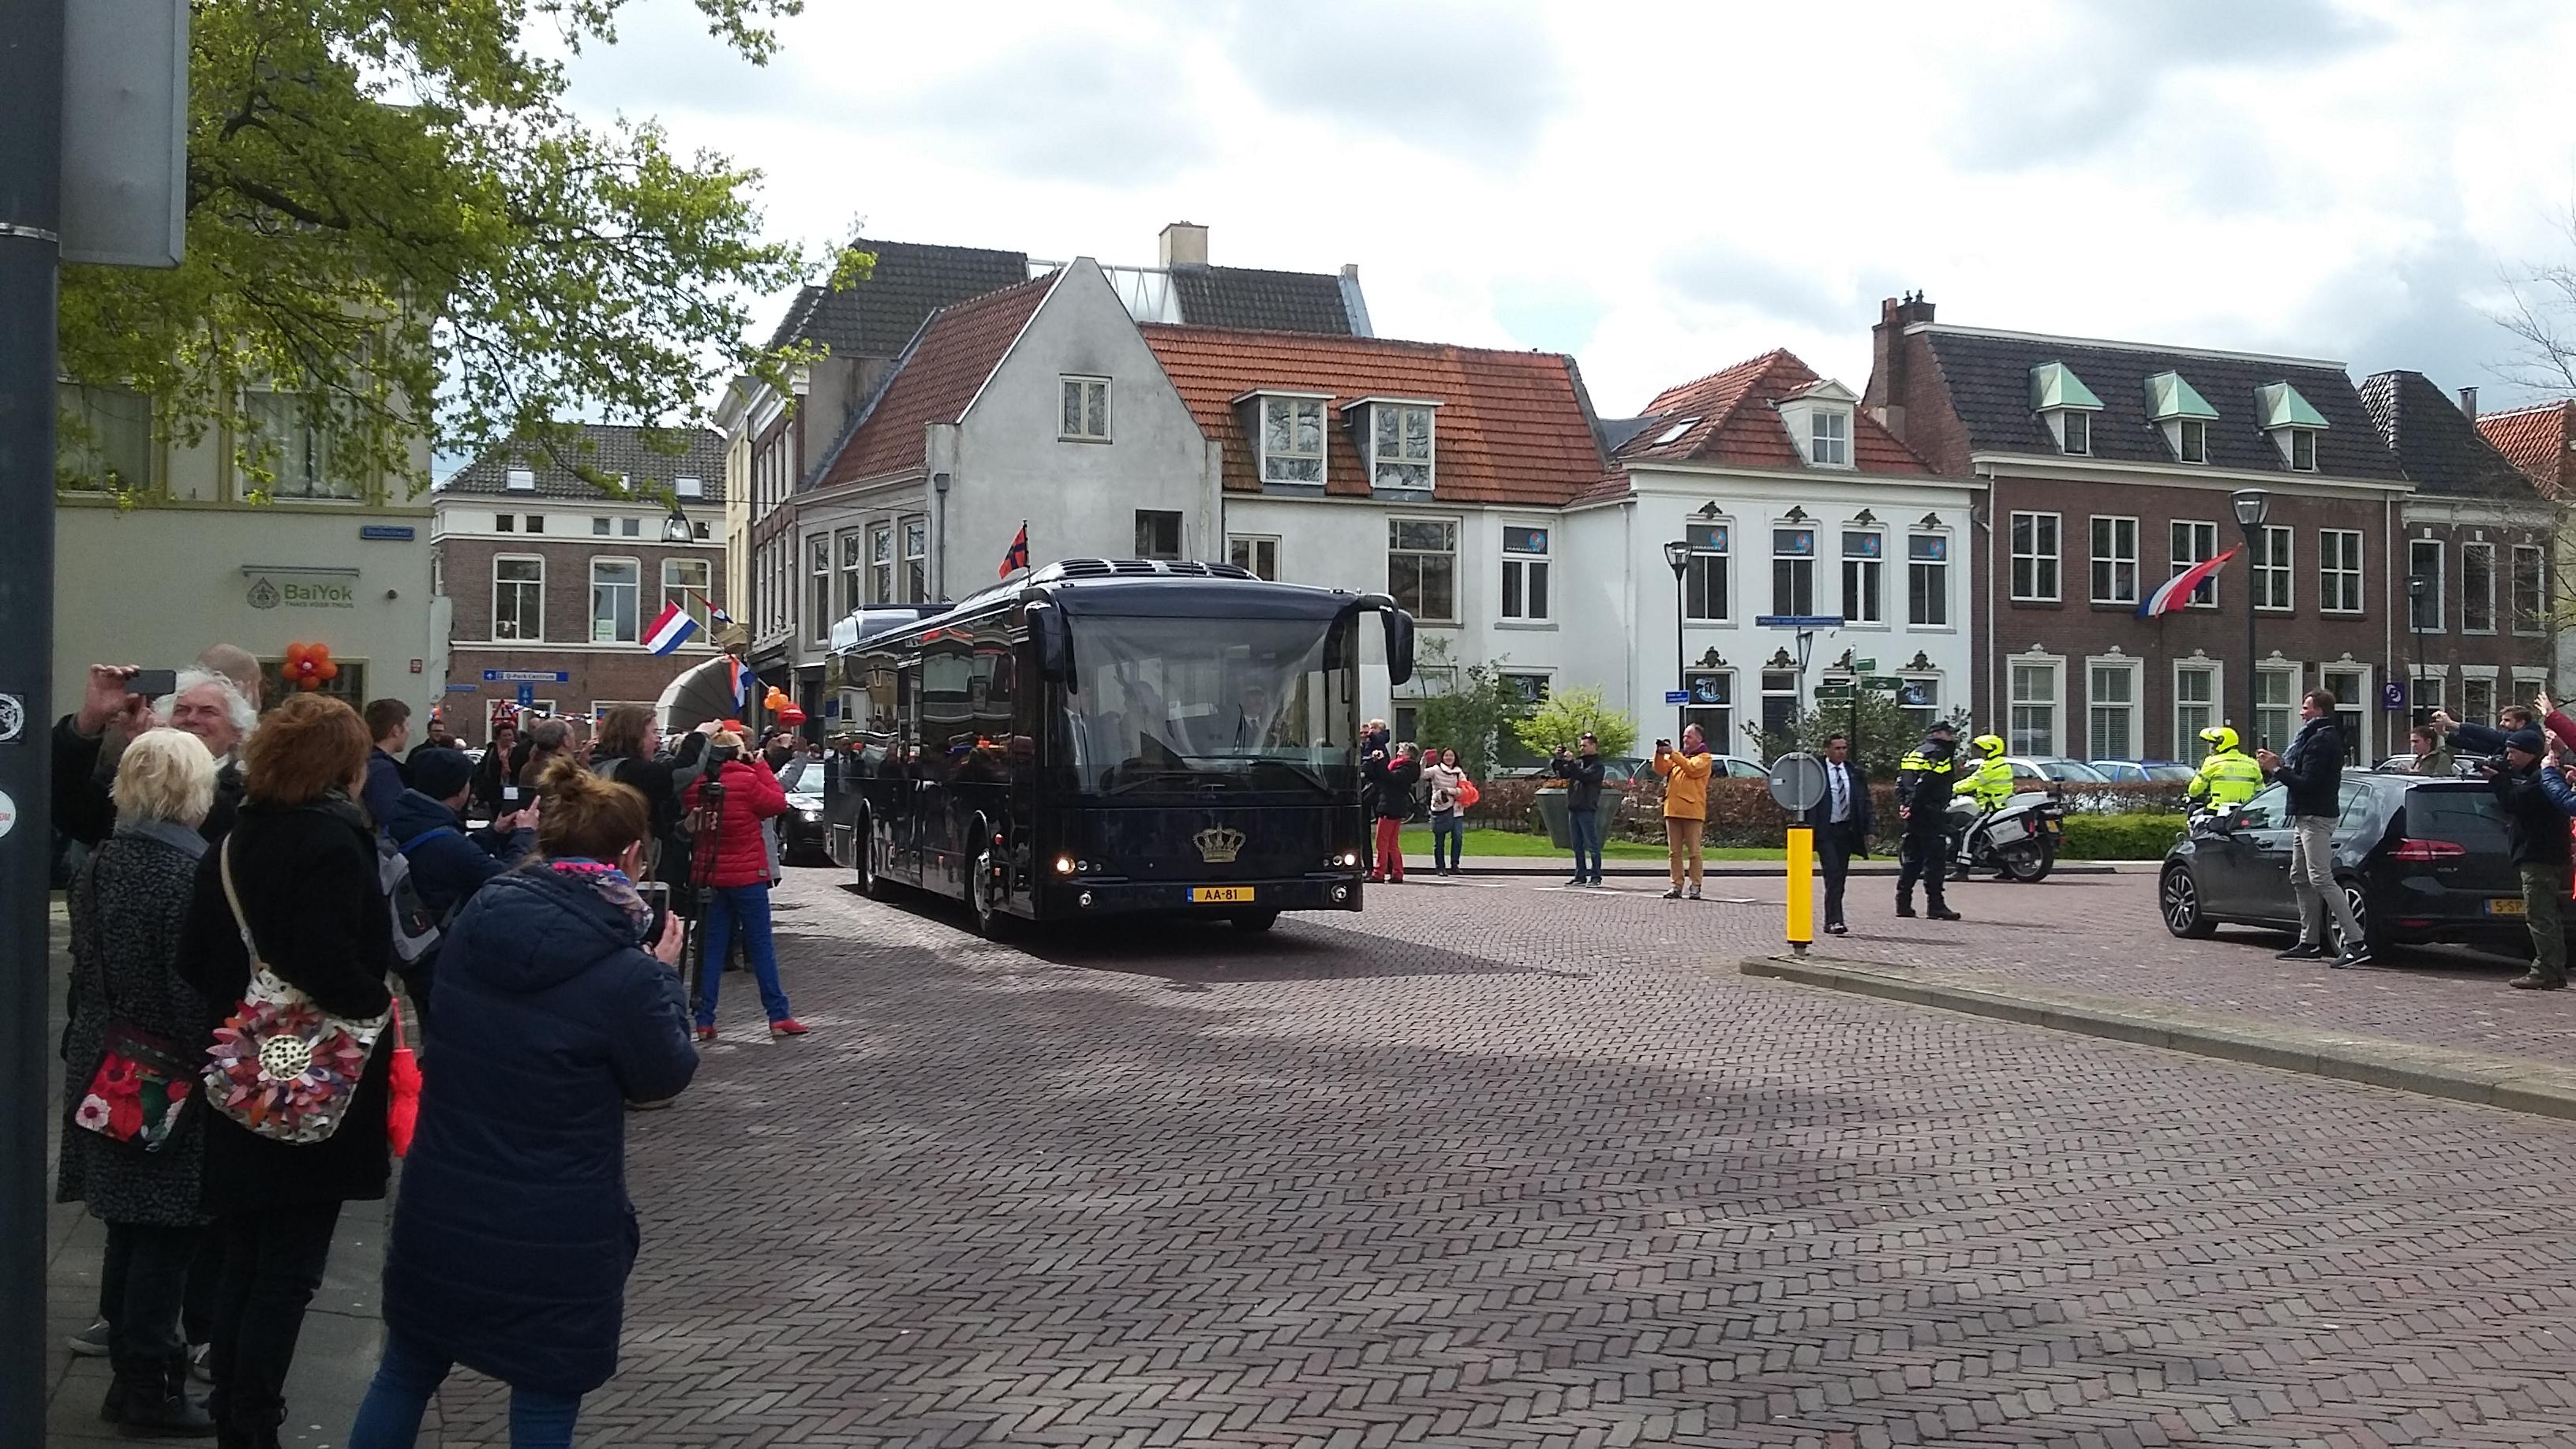 Koningsdag 2016 in Zwolle